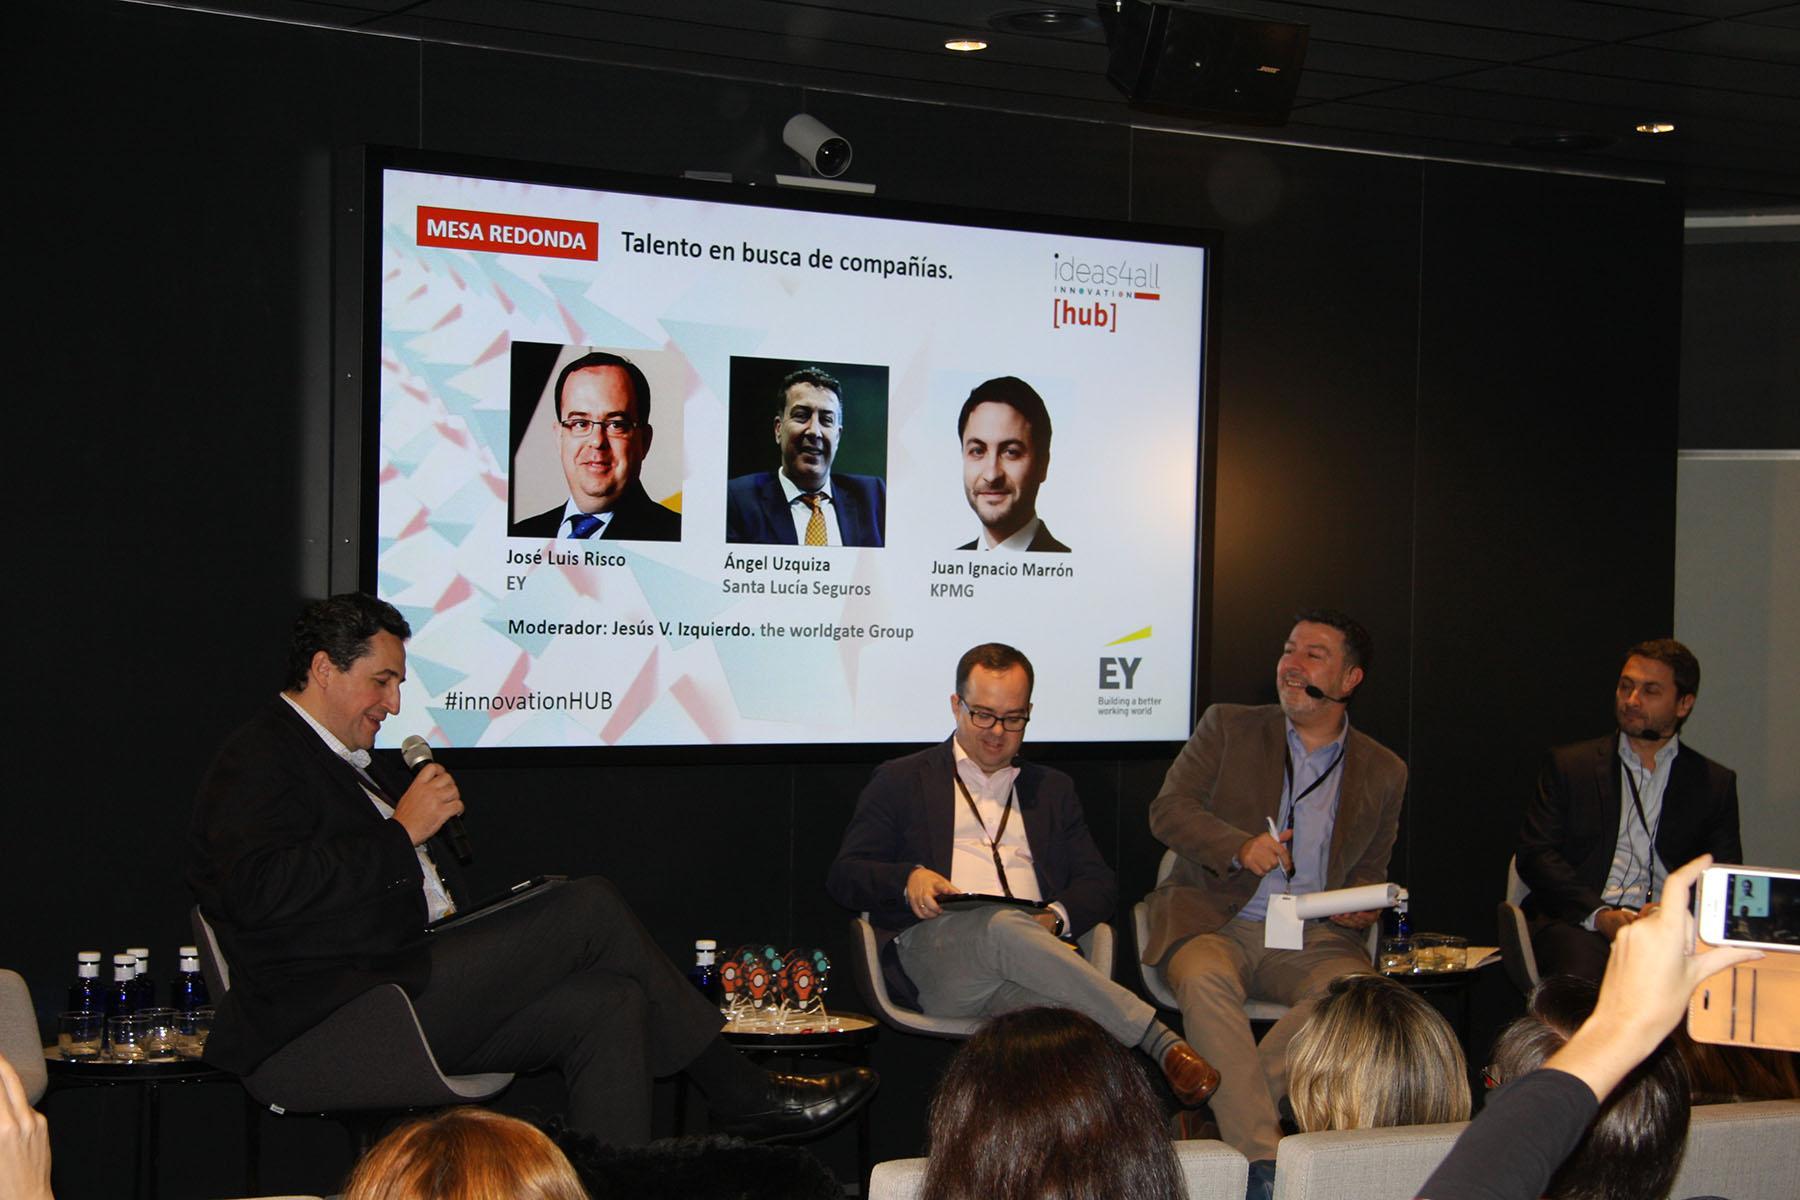 innovationHUB destaca el papel de las personas dentro de los ecosistemas de innovación